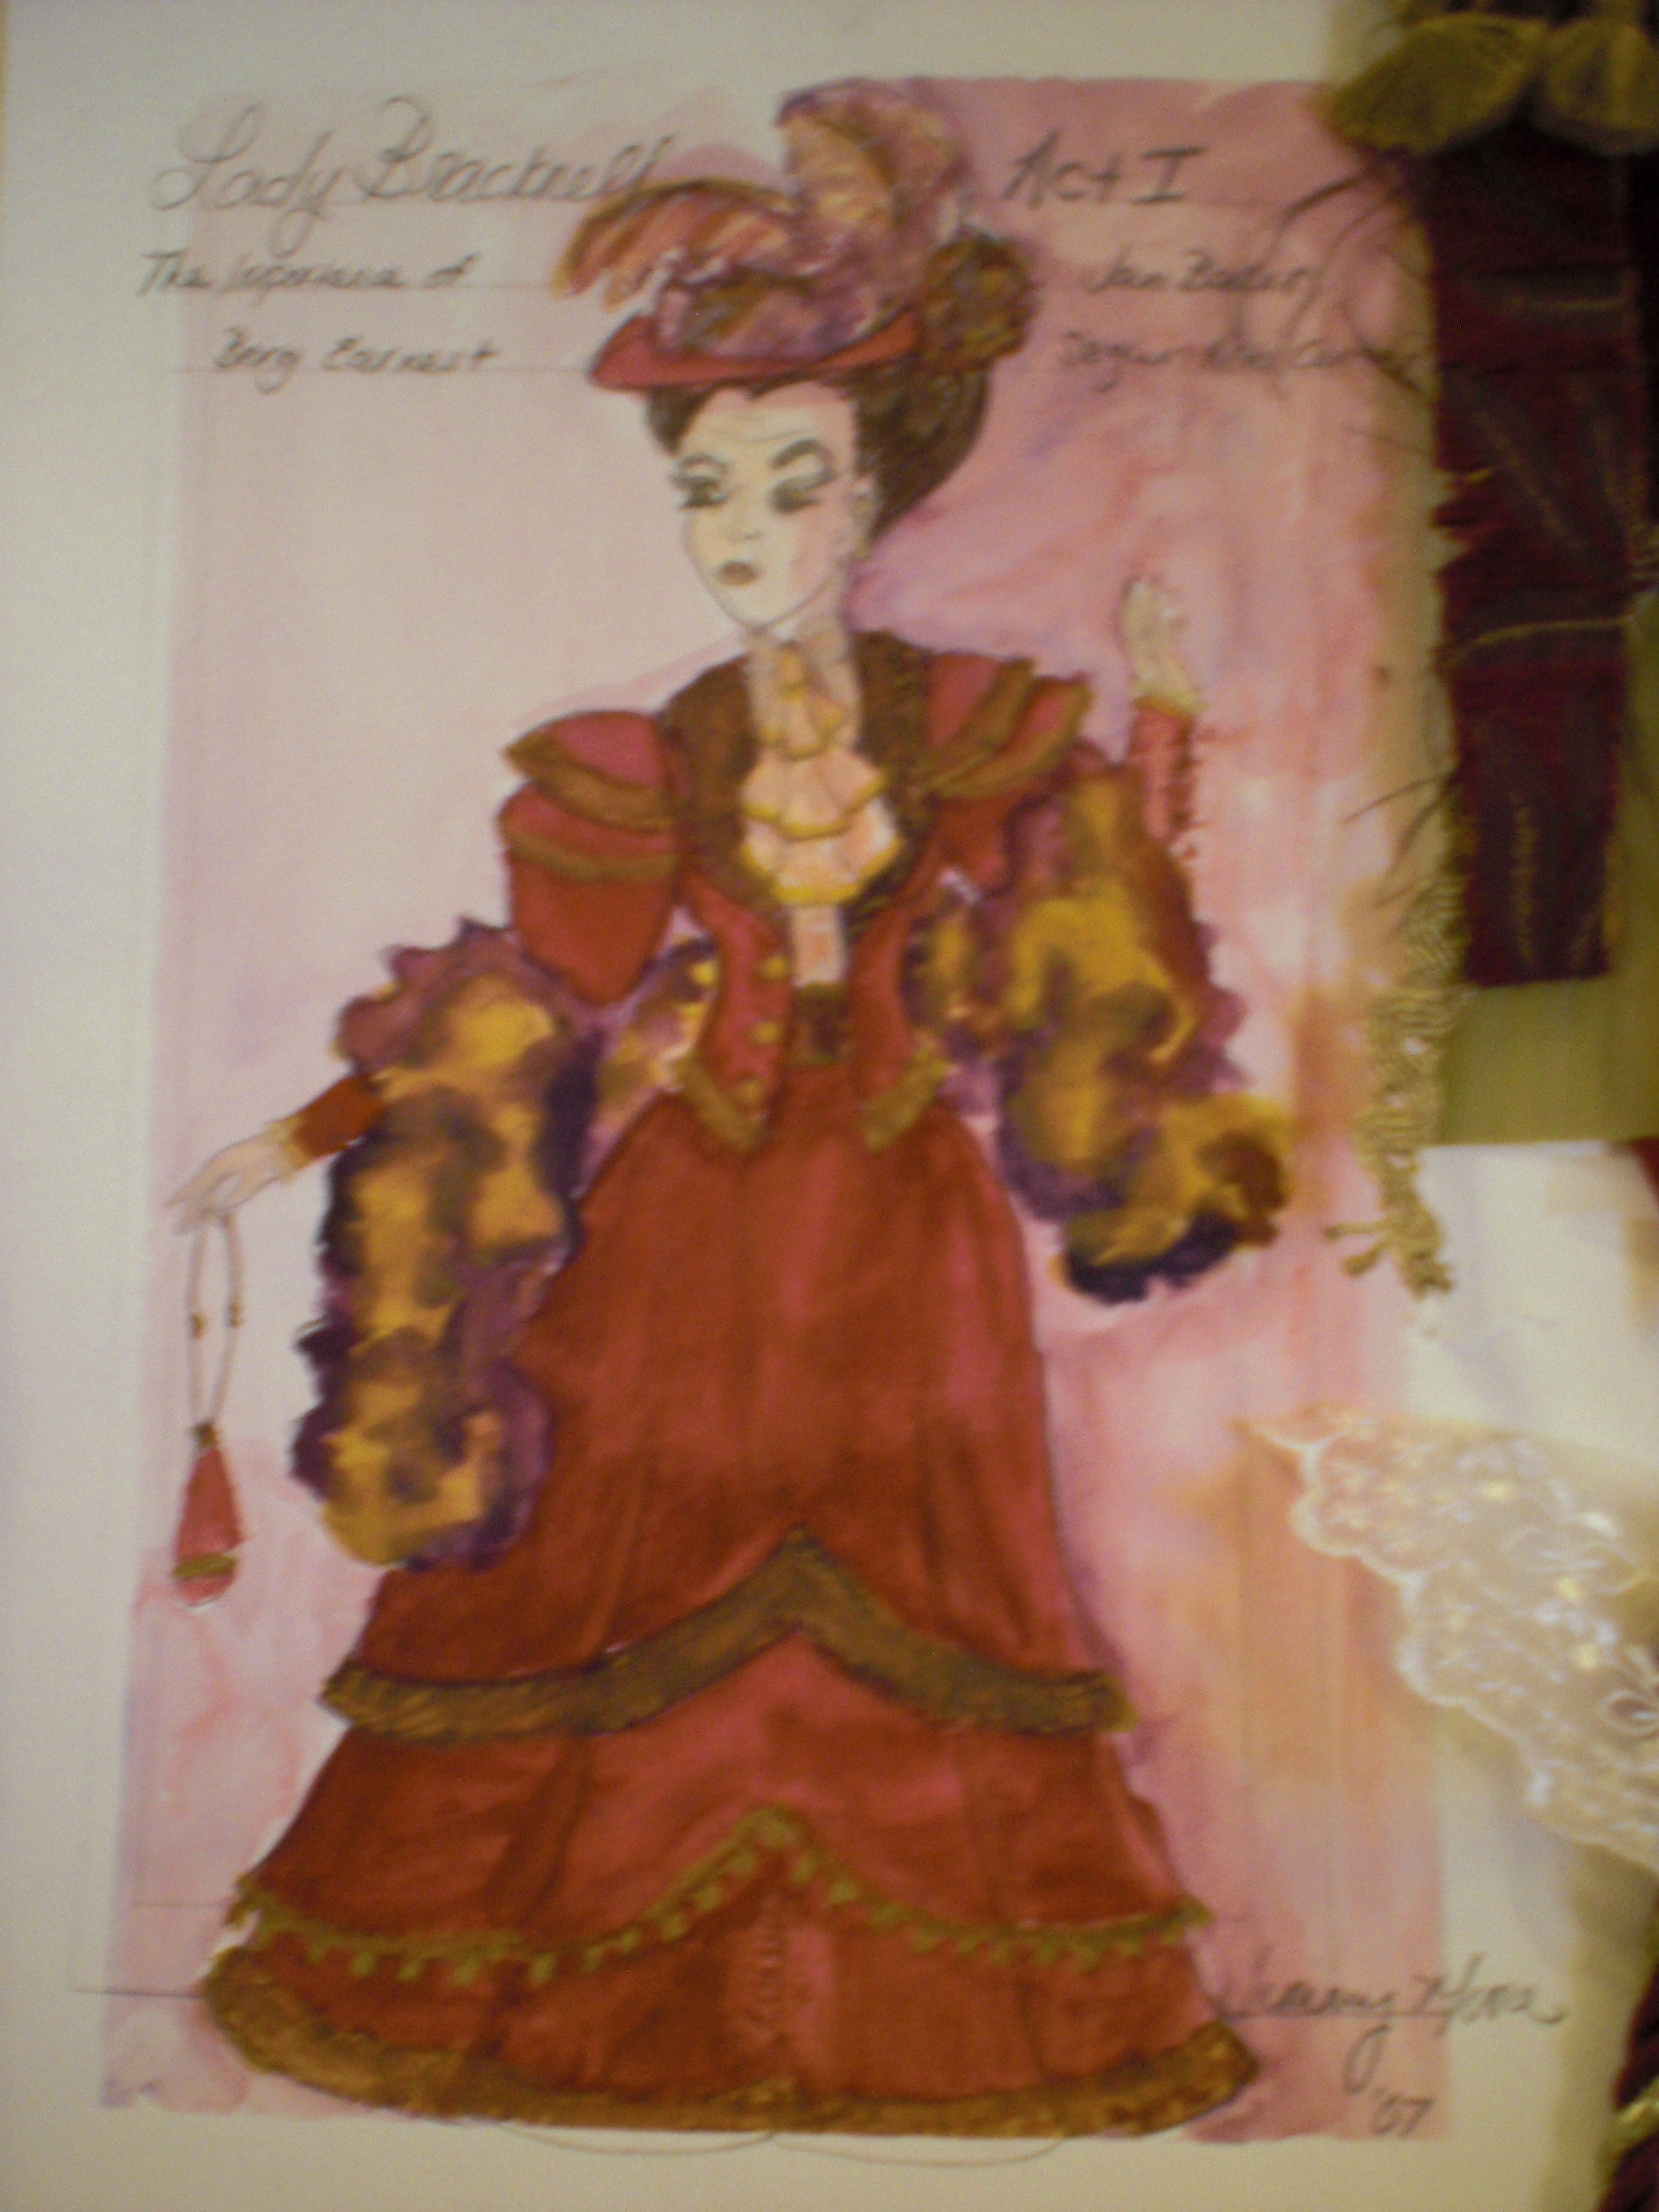 Lady Bracknell Act I